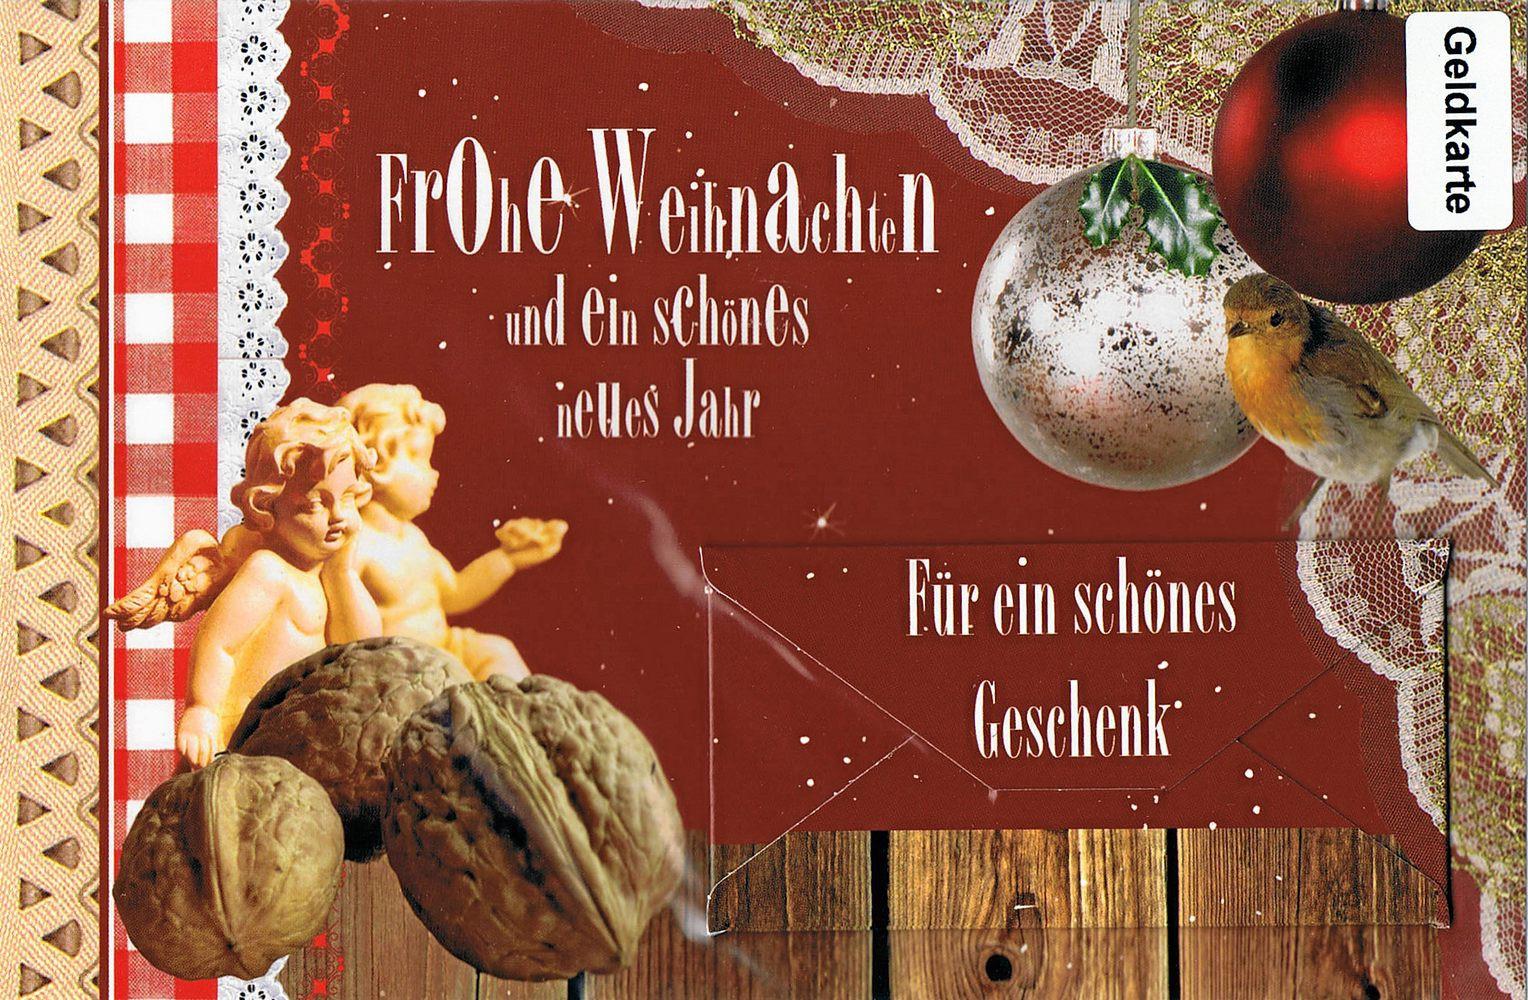 Weihnachtskarte - Geldkarte - Für ein schönes Geschenk